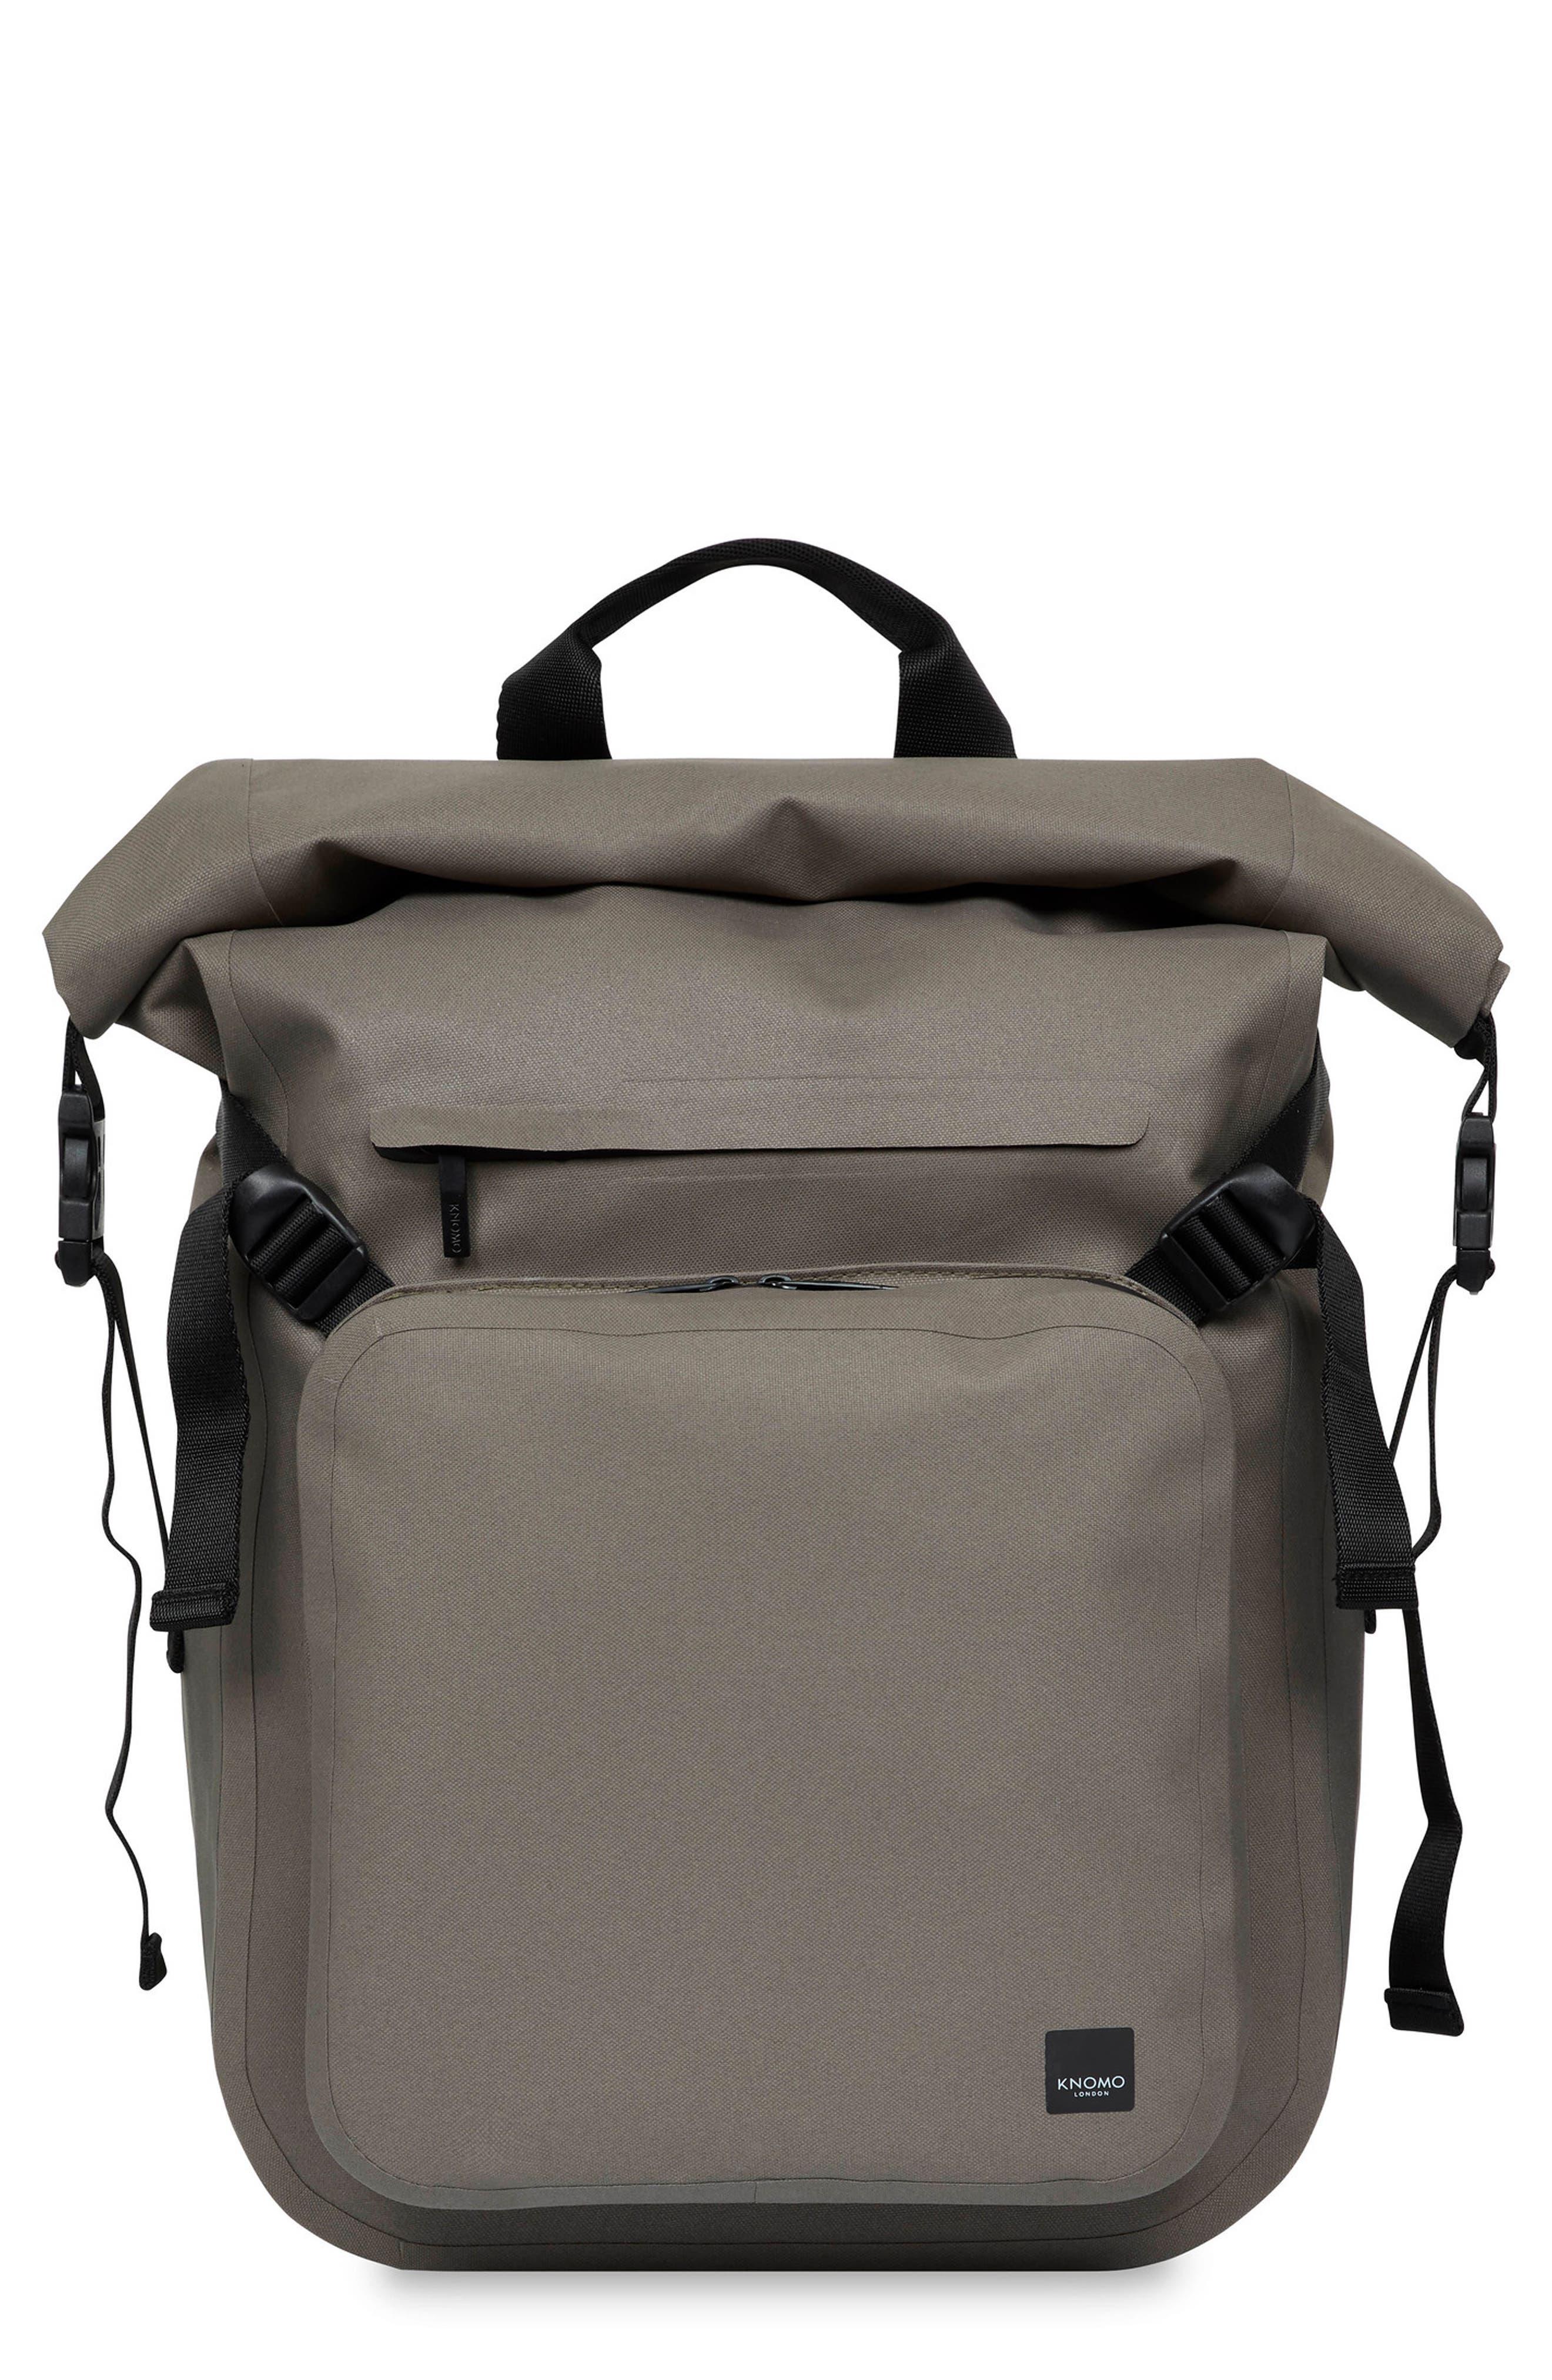 Thames Backpack,                         Main,                         color, KHAKI